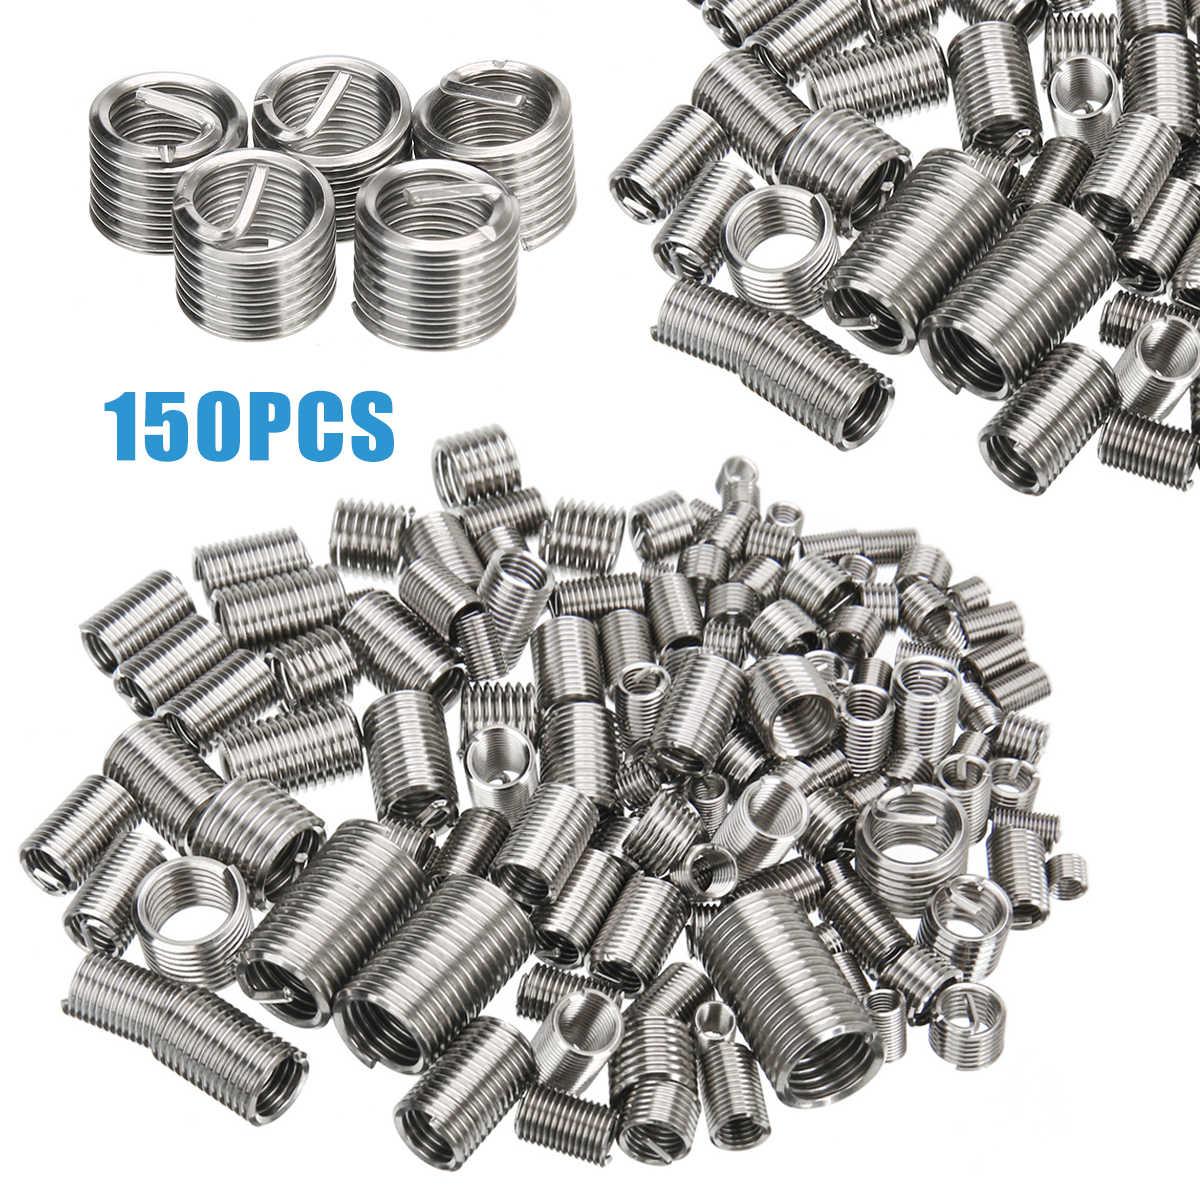 50pcs Filo di acciaio inossidabile Assortimento di inserti metrici Helicoil Tipo di inserto di riparazione filettatura Kit M8 x 1.25 x 1.5D Lunghezza